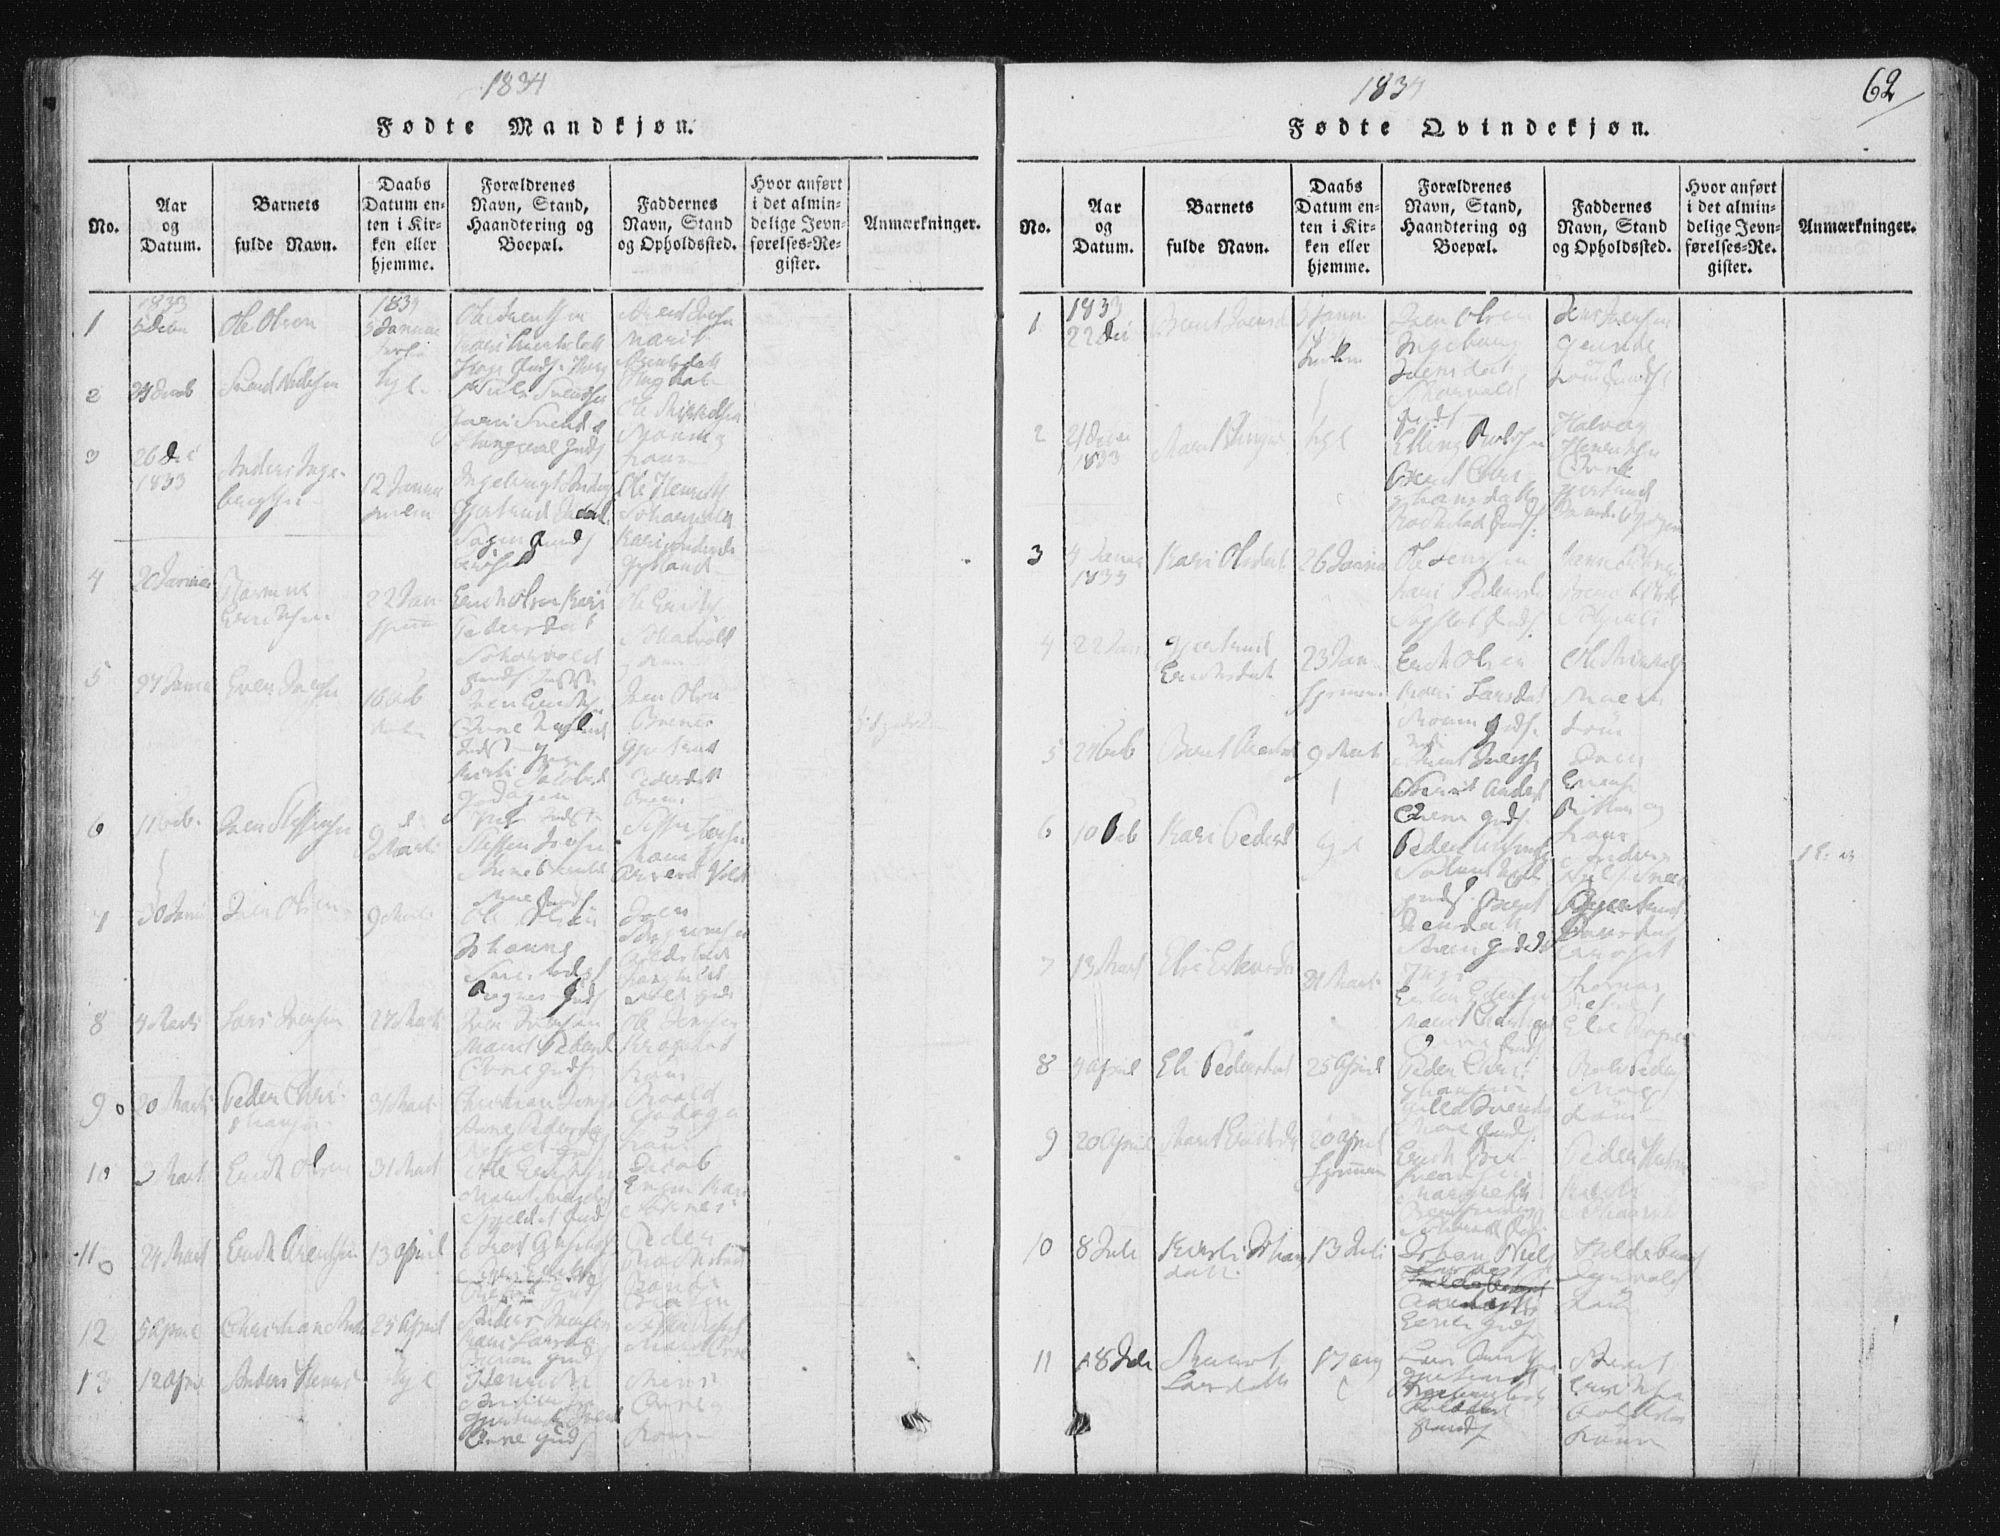 SAT, Ministerialprotokoller, klokkerbøker og fødselsregistre - Sør-Trøndelag, 687/L0996: Ministerialbok nr. 687A04, 1816-1842, s. 62